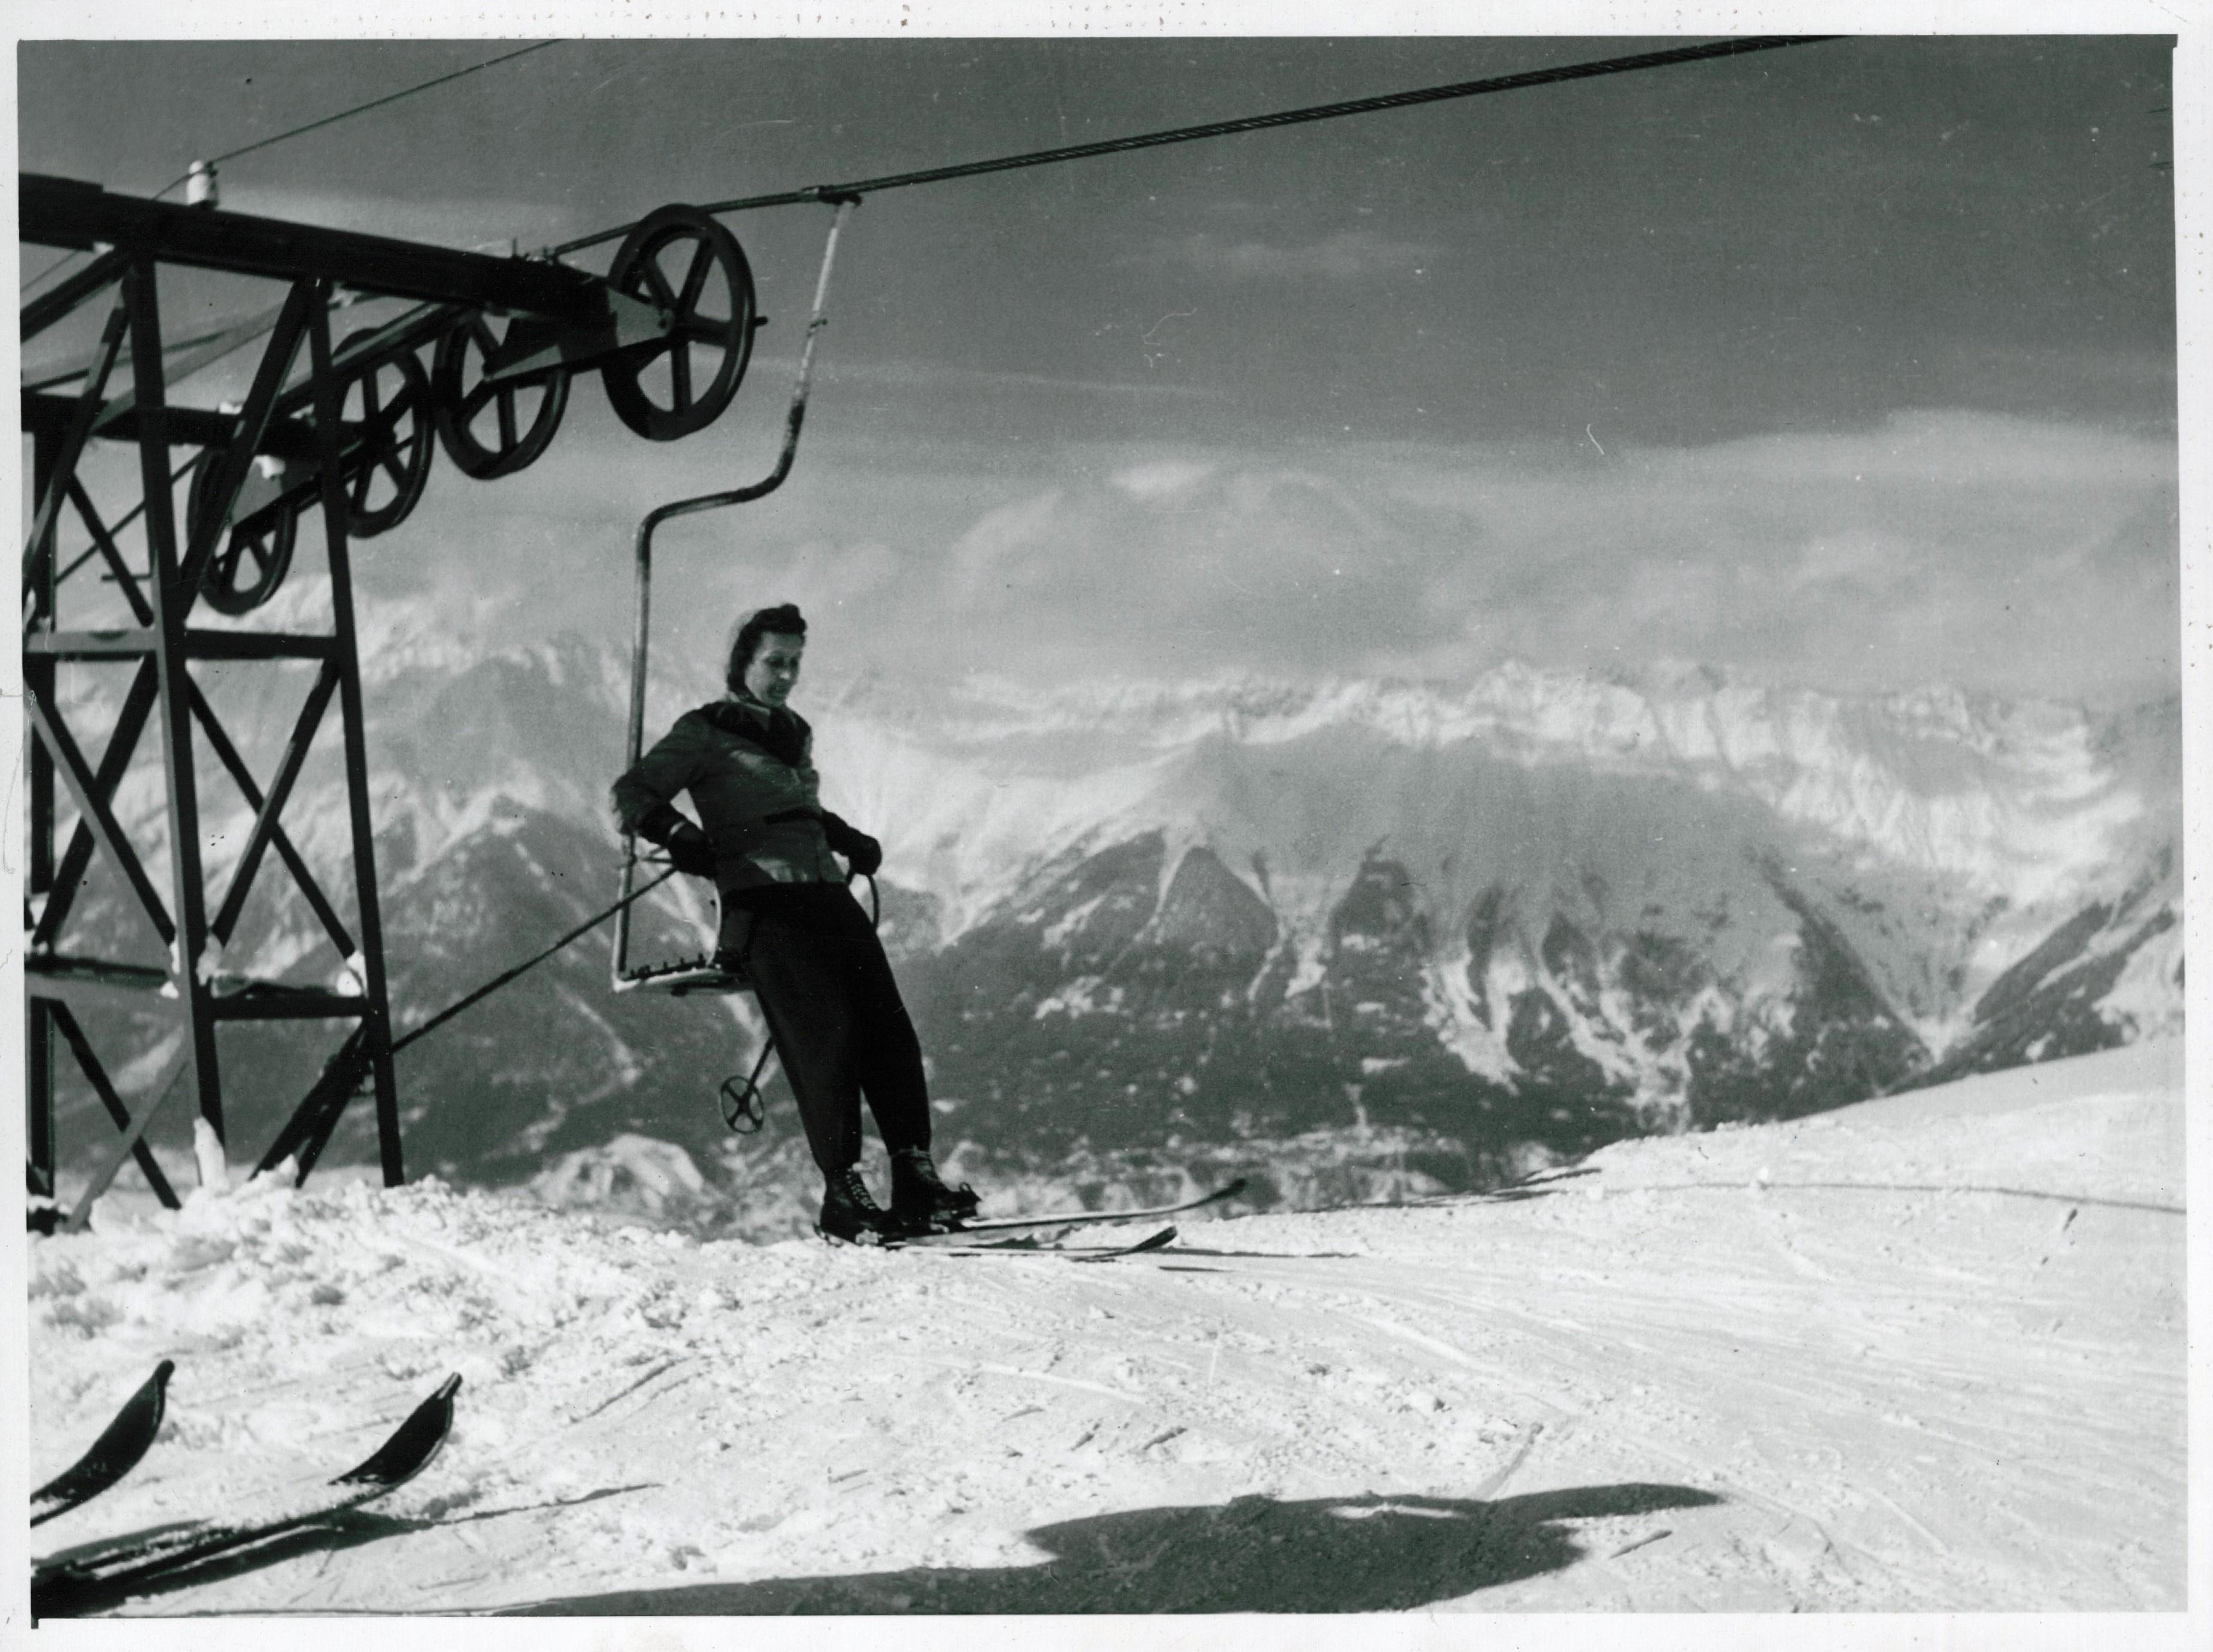 Innsbrucks Bewerbung Für Die Olympischen Winterspiele 1960, Teil 3